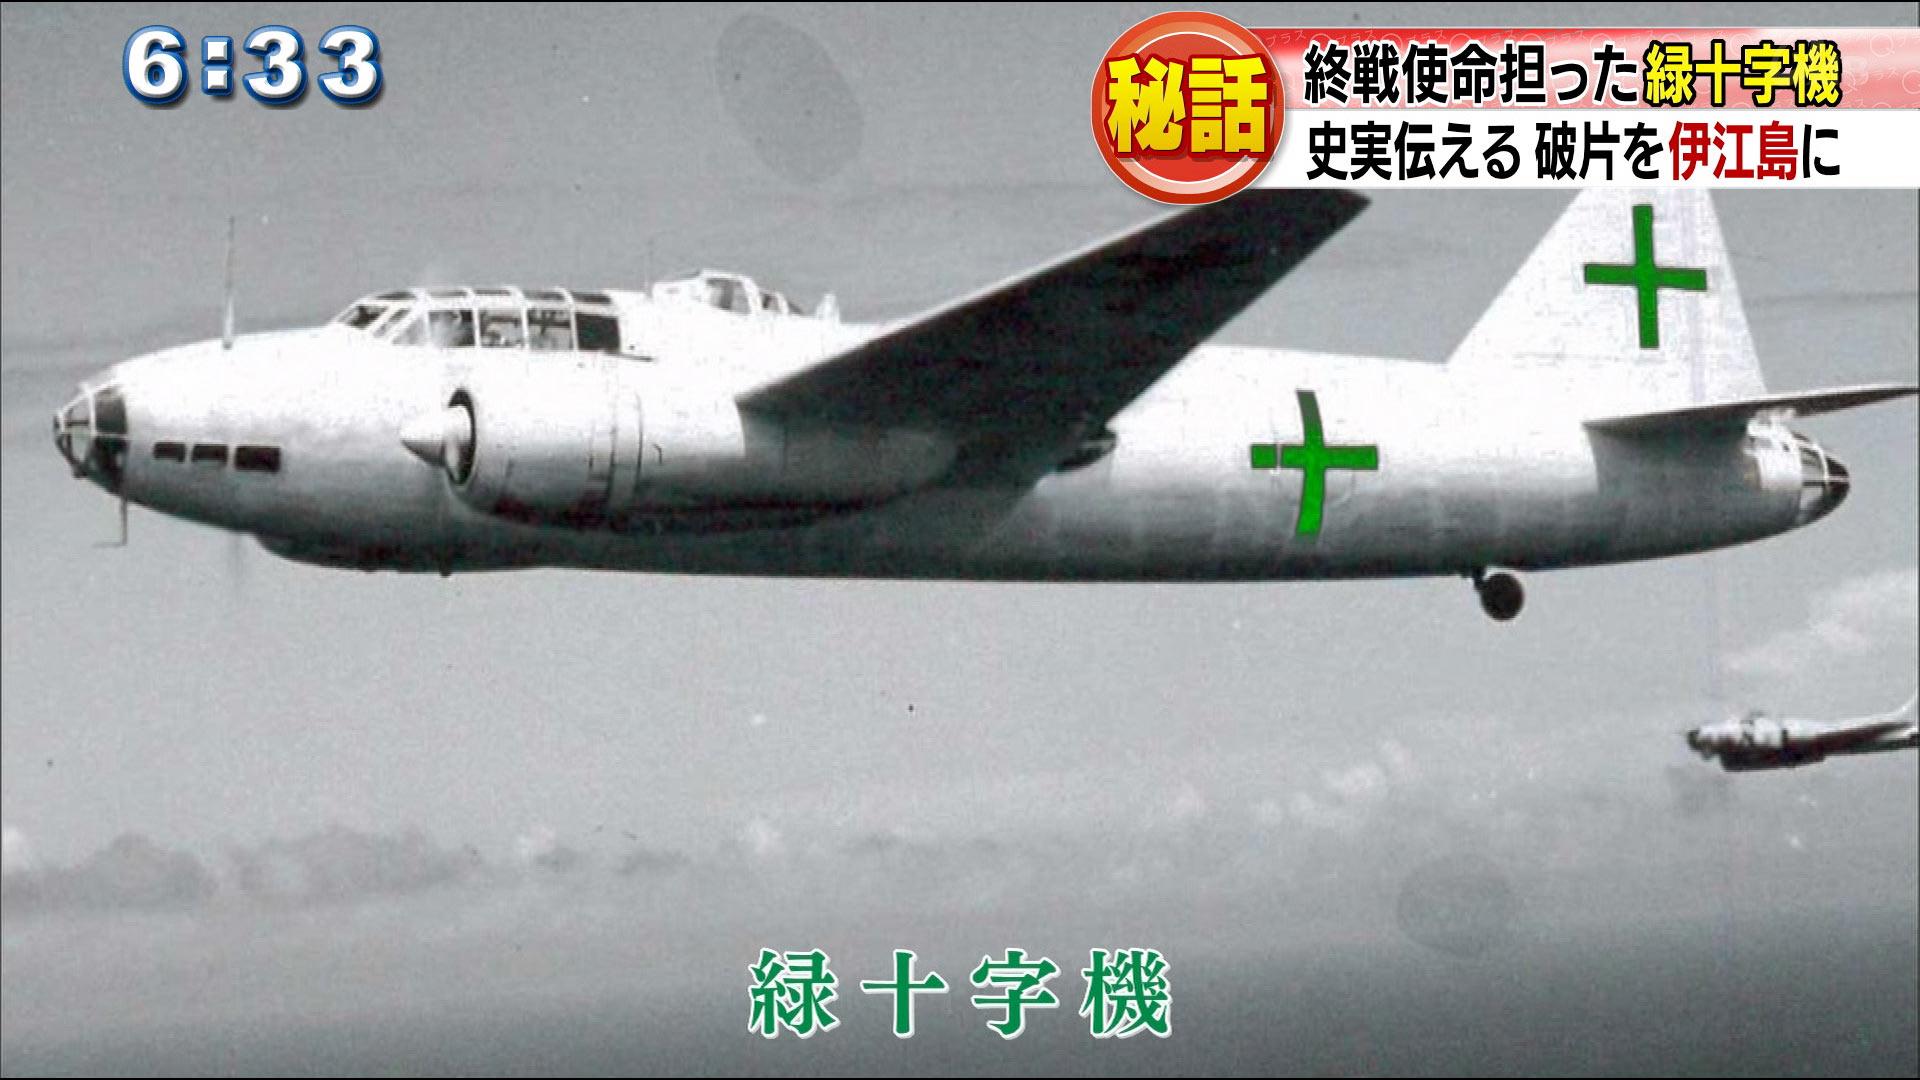 緑十字機史実を伝えたい 破片を伊江村に寄贈